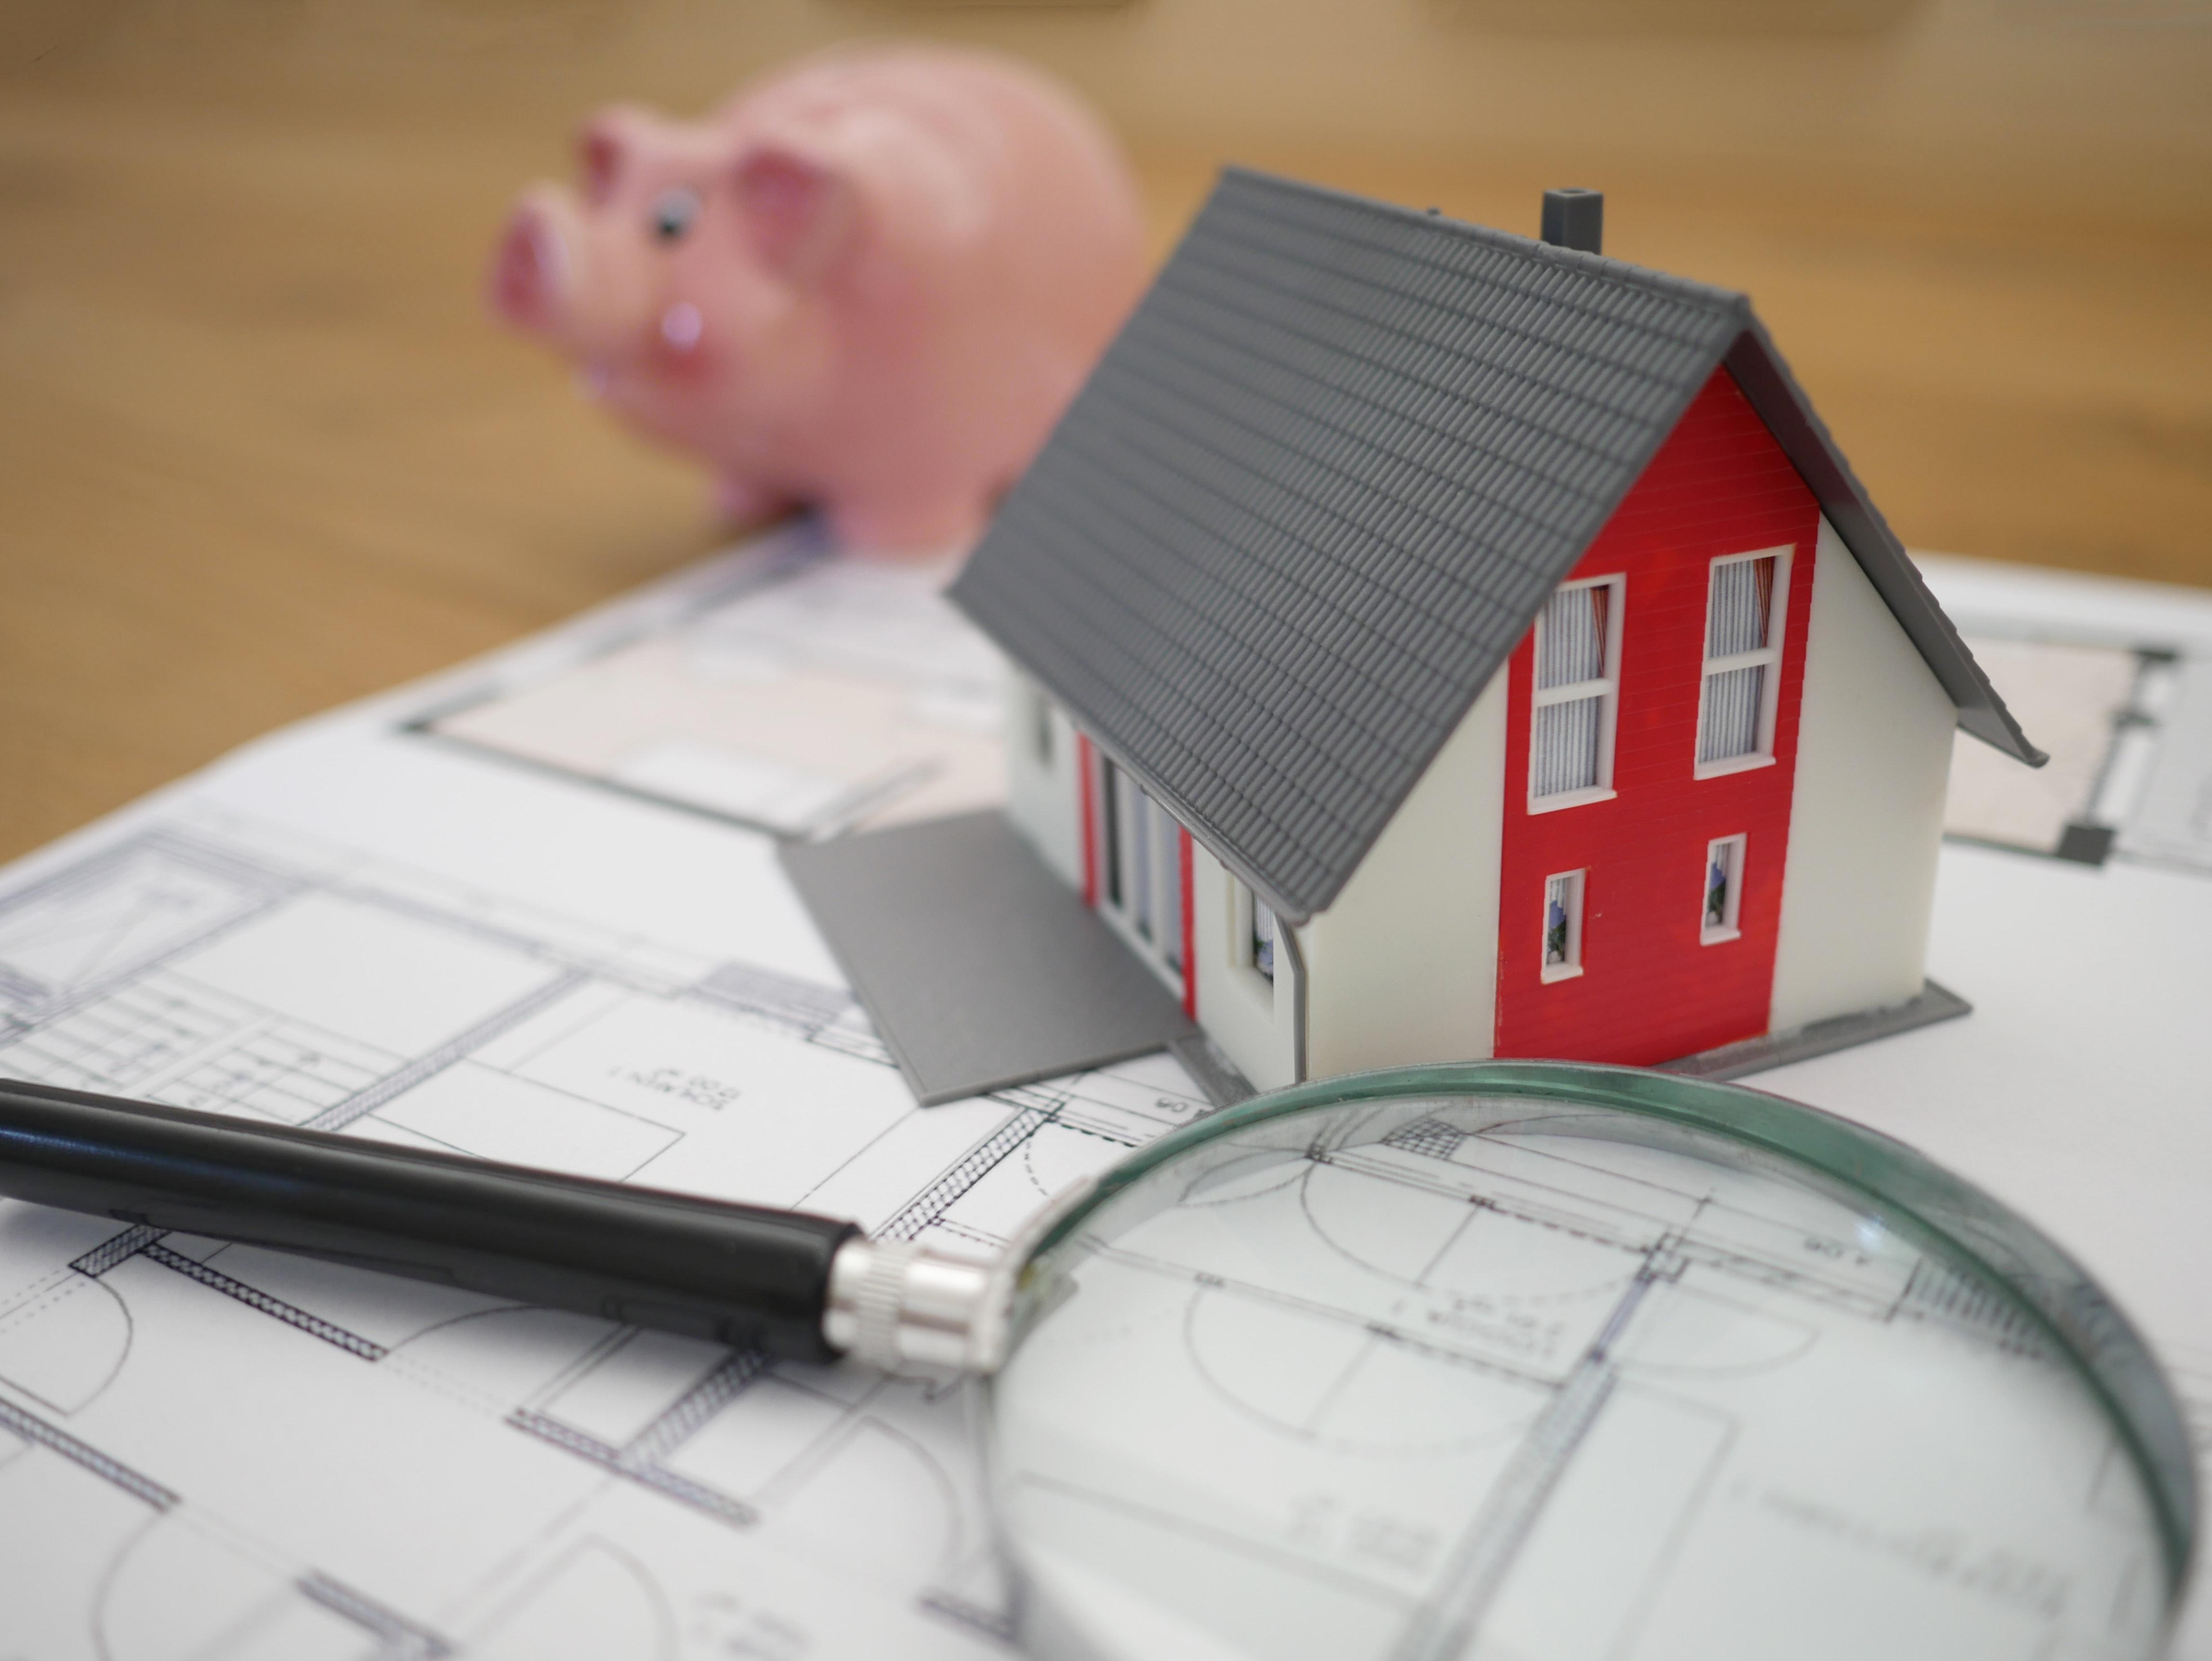 Zunzunegui Préstamos hipotecarios: el producto con más requerimientos por incumplimiento de los principios generales de publicidad